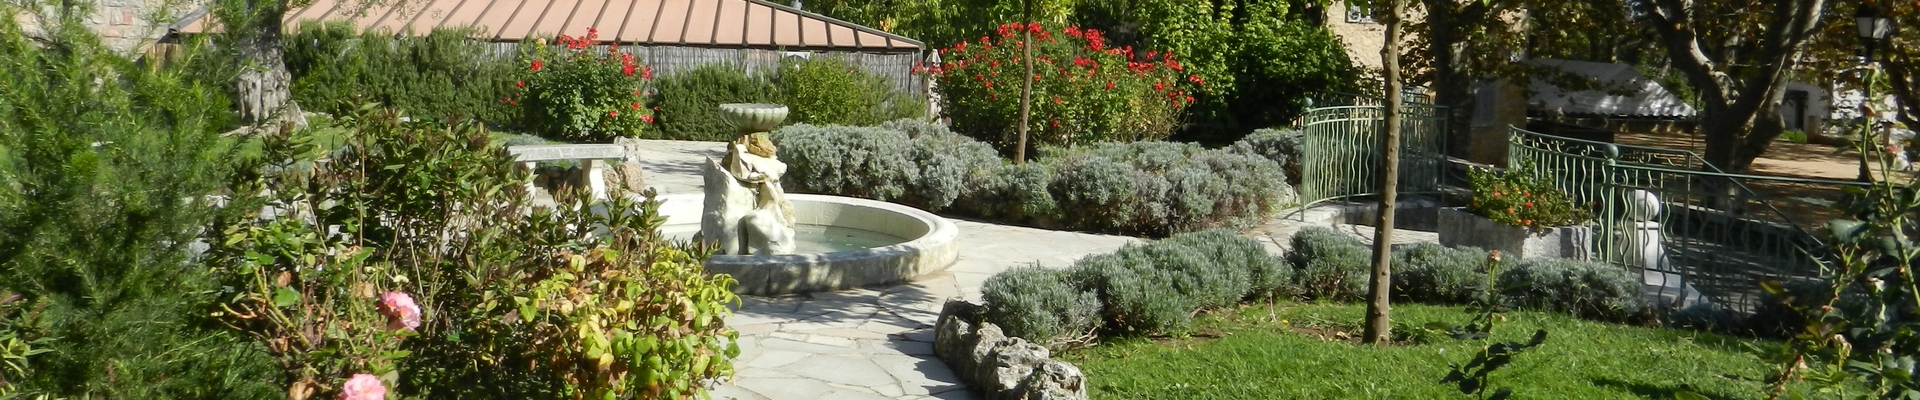 Bandeau Jardins Le Rouret